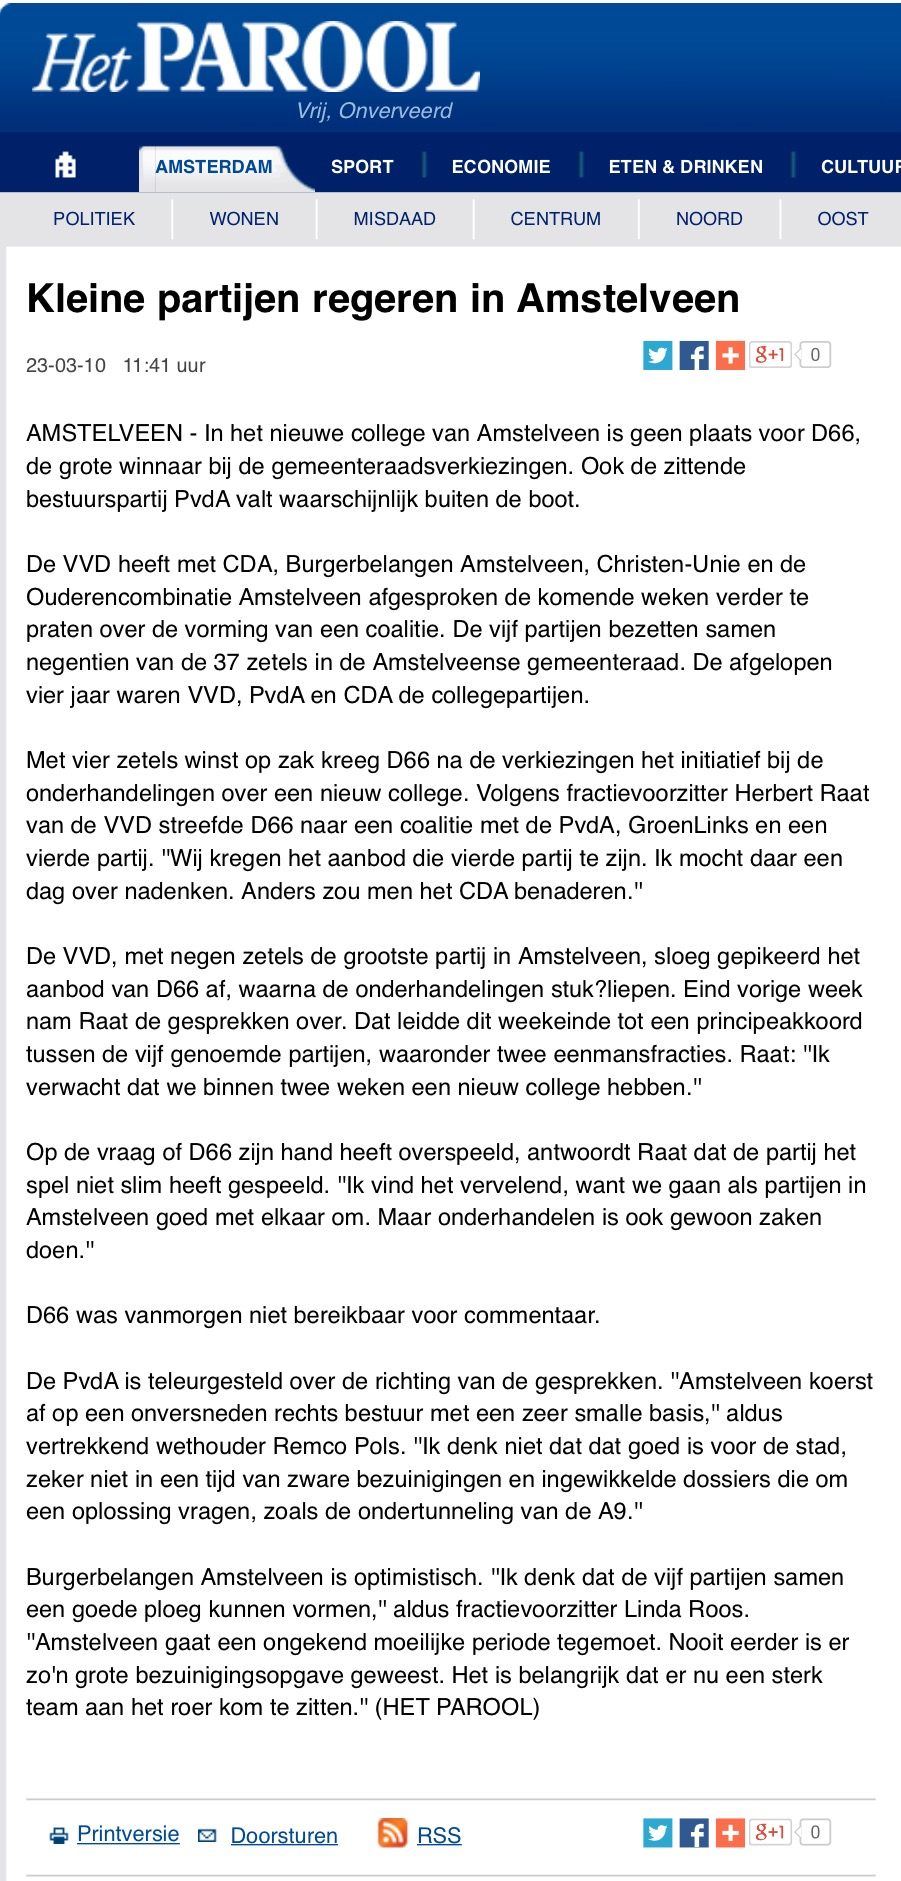 2010-het parool: herbert raat over college onderhandelingen  Amstelveen